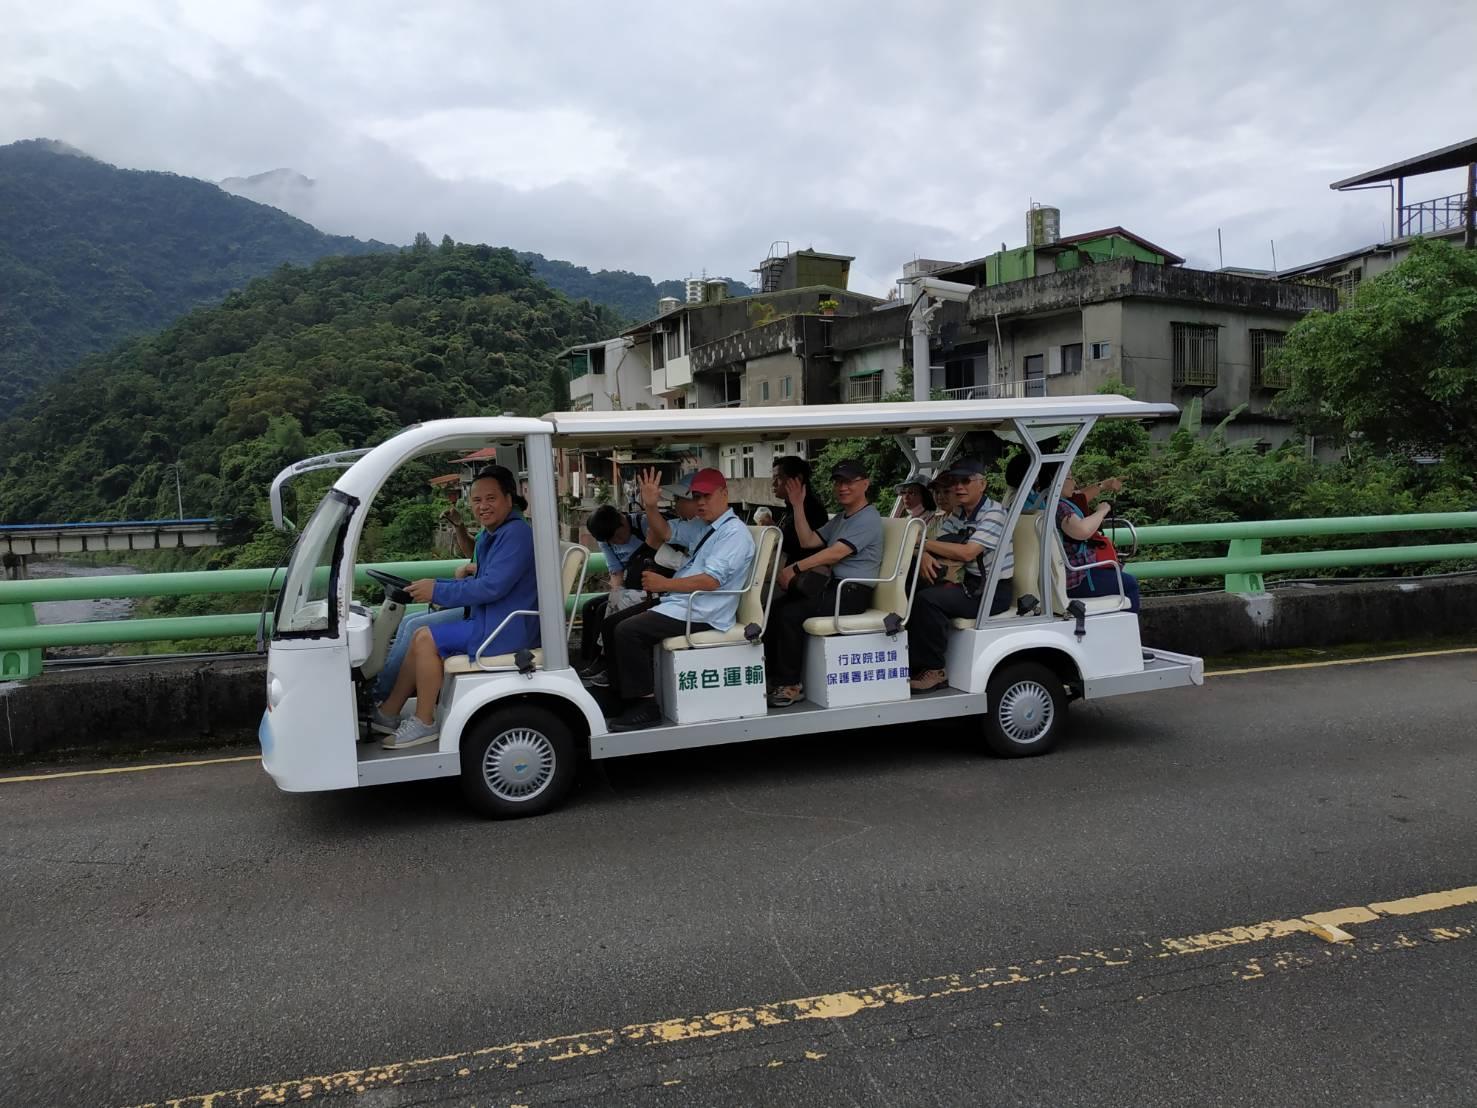 圖片說明:民眾開心乘坐電動車前往本局環教學習中心